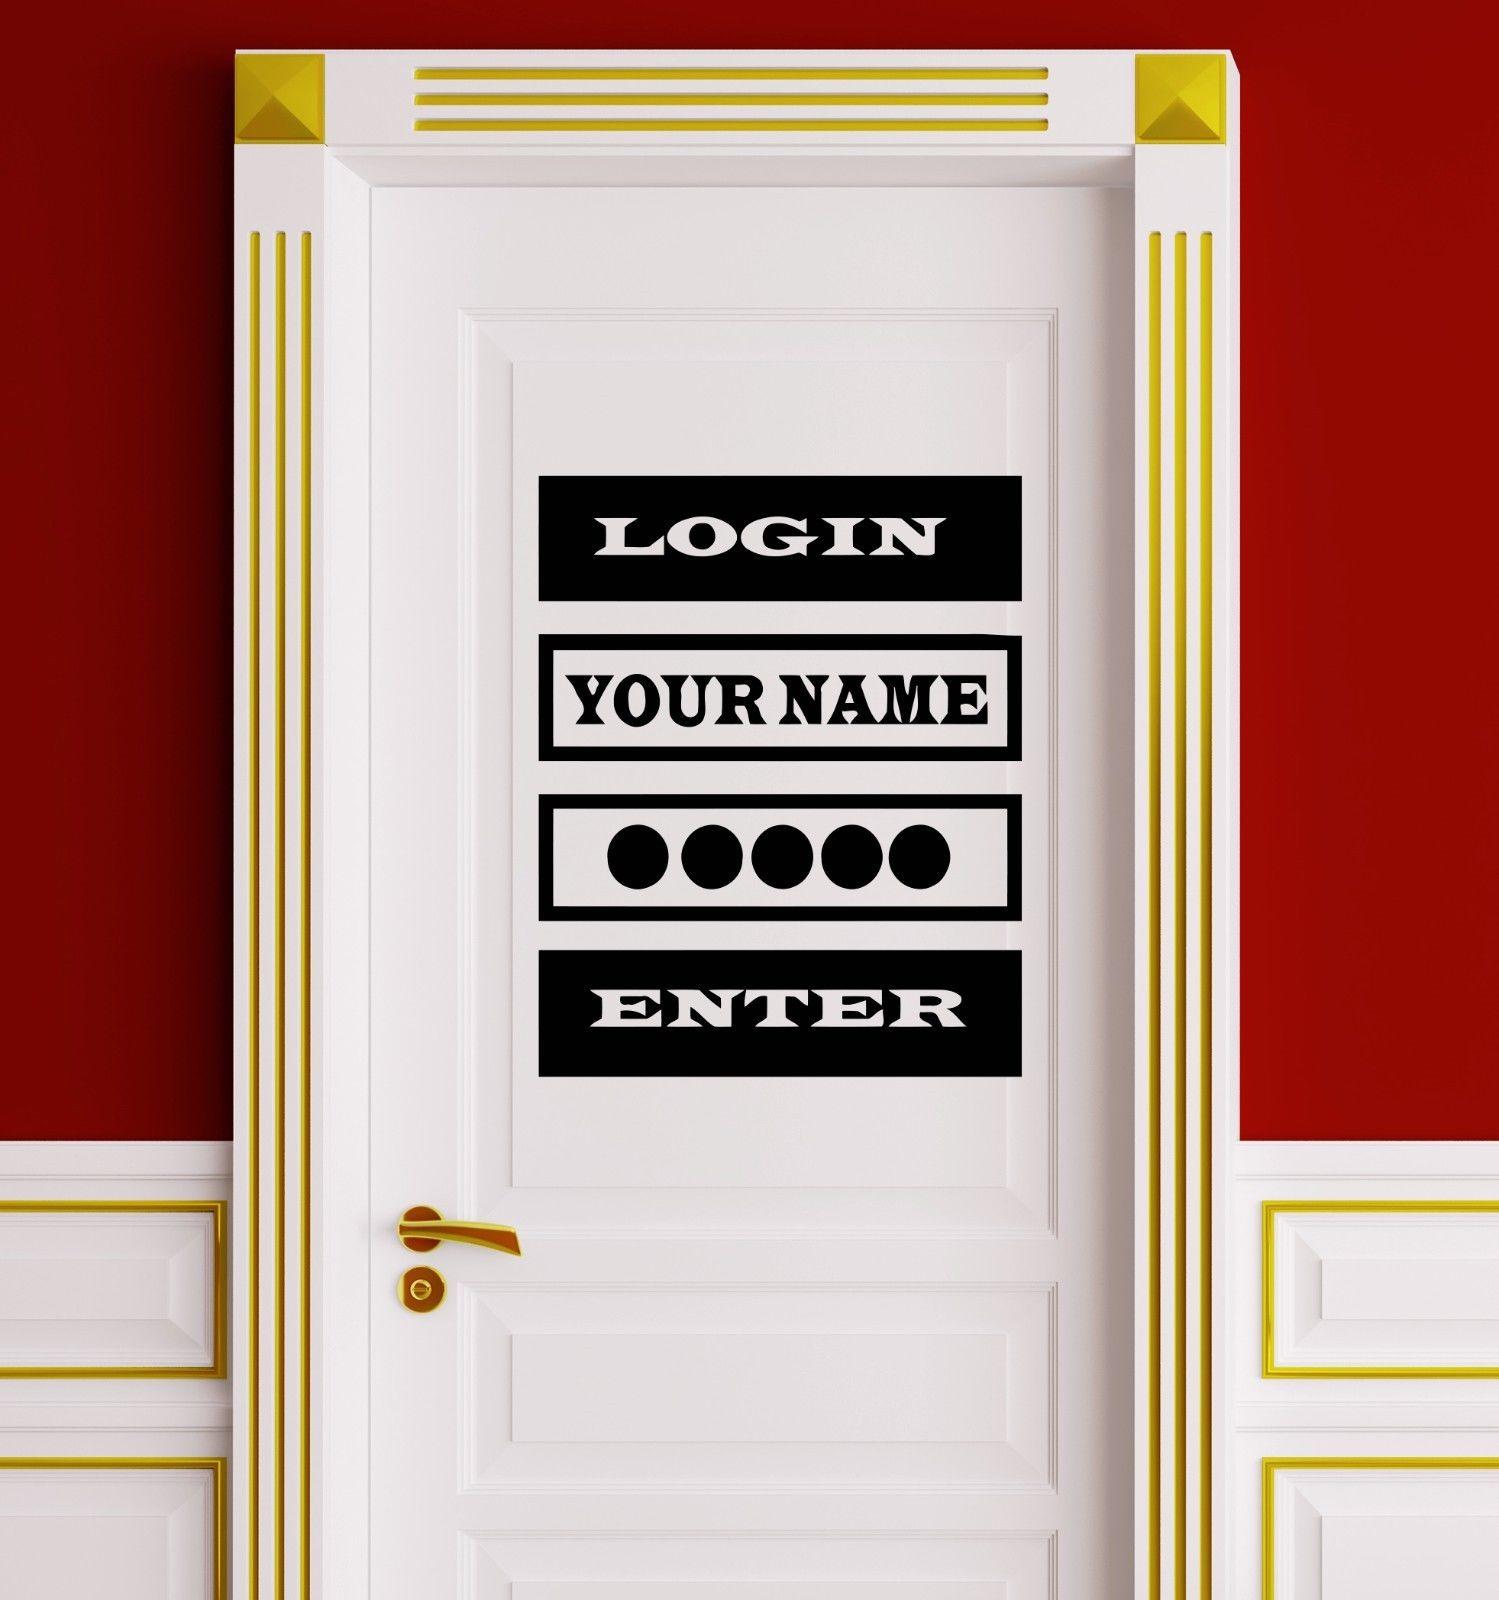 შესვლა პაროლი ვიდეო - სახლის დეკორაცია